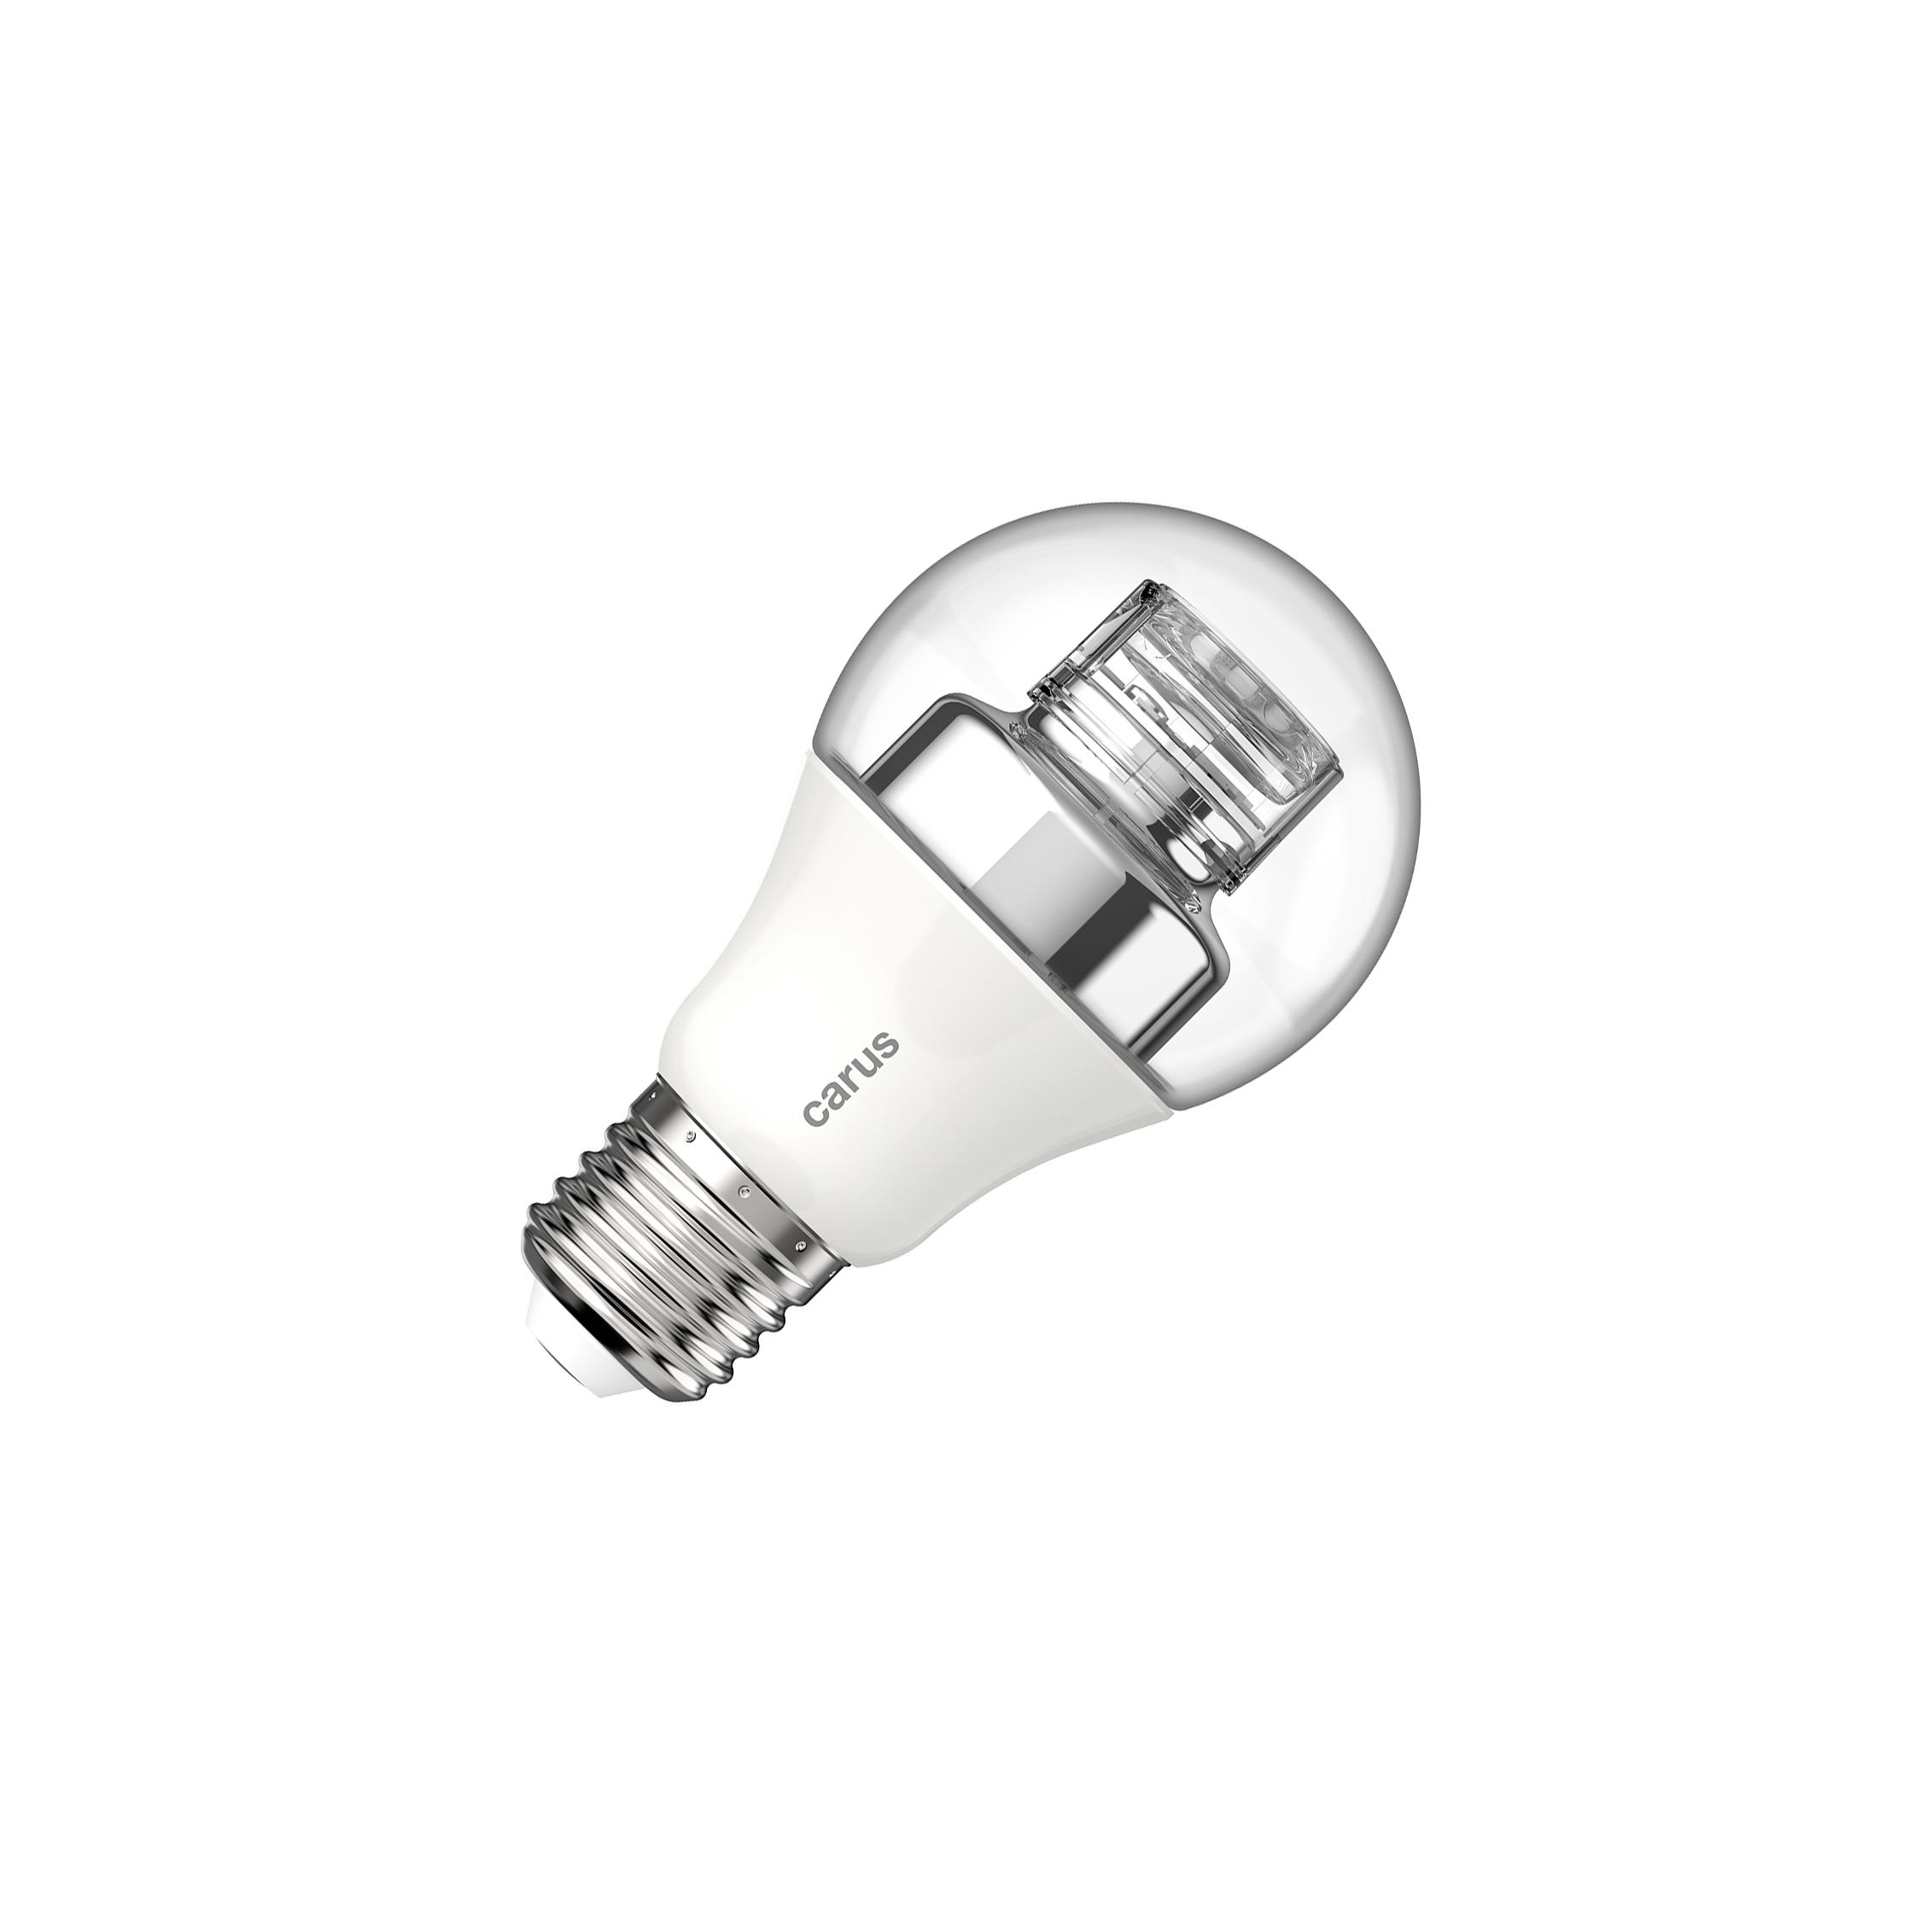 Hervorragend Stufenlos dimmen ohne Dimmer - Klicken statt dimmen   LED.de GB27